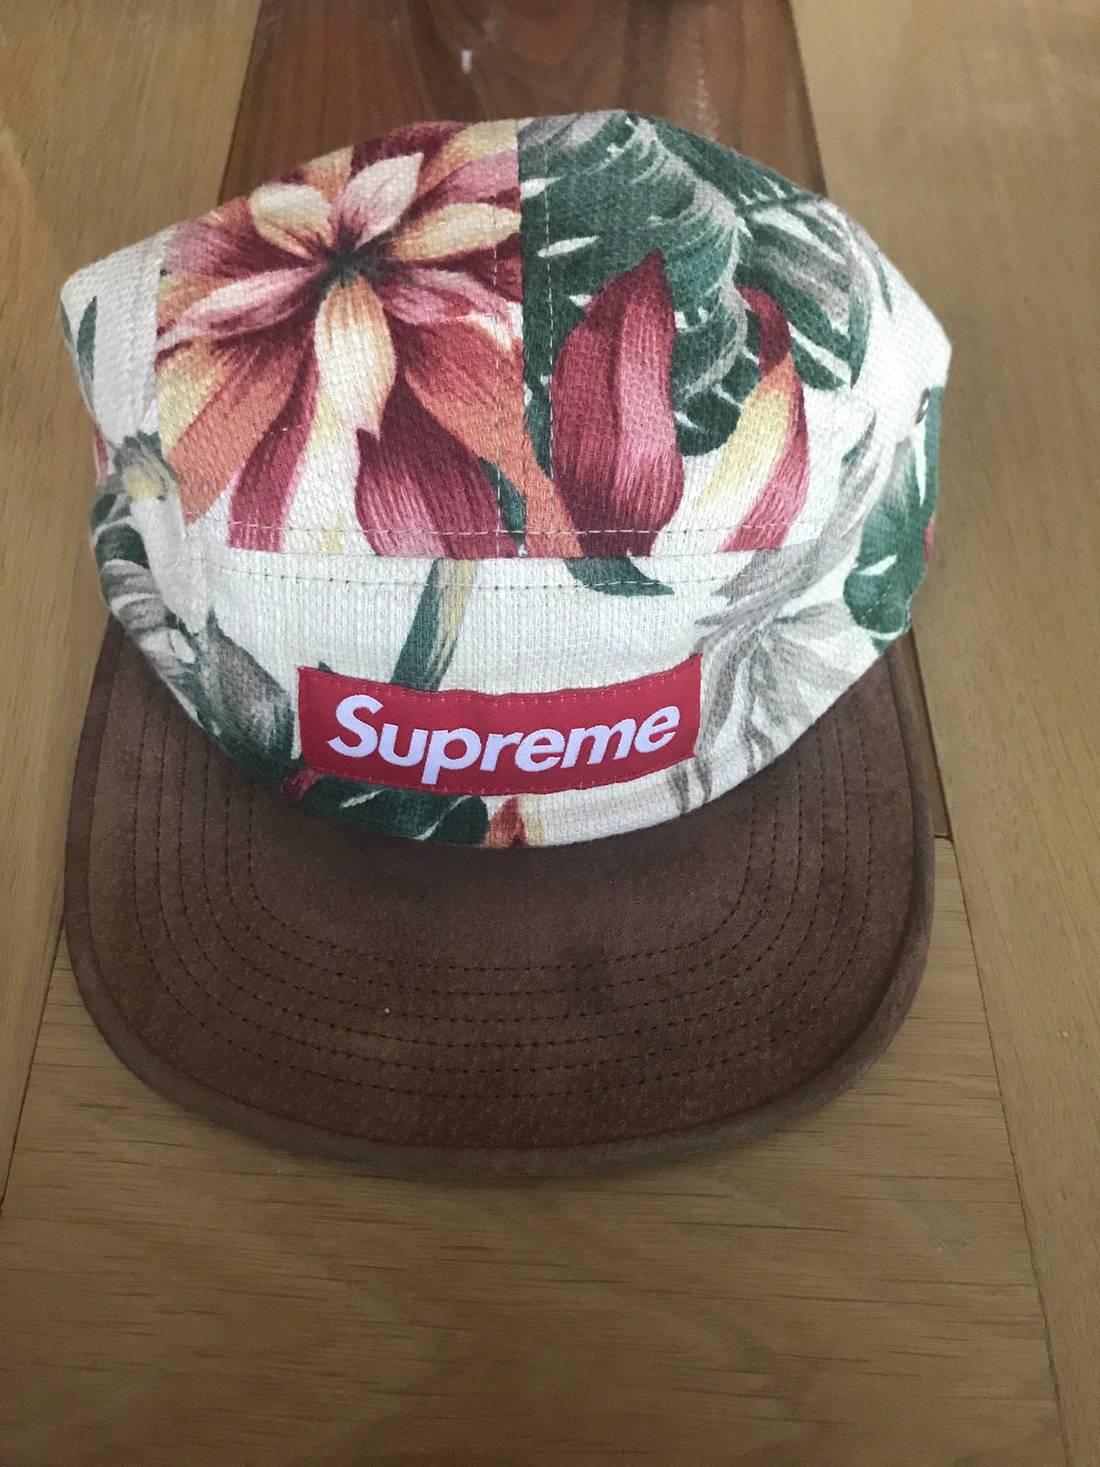 35c4b7f038b ... hot supreme supreme floral camp cap 2012 size one size 2 9e3e0 b6de8